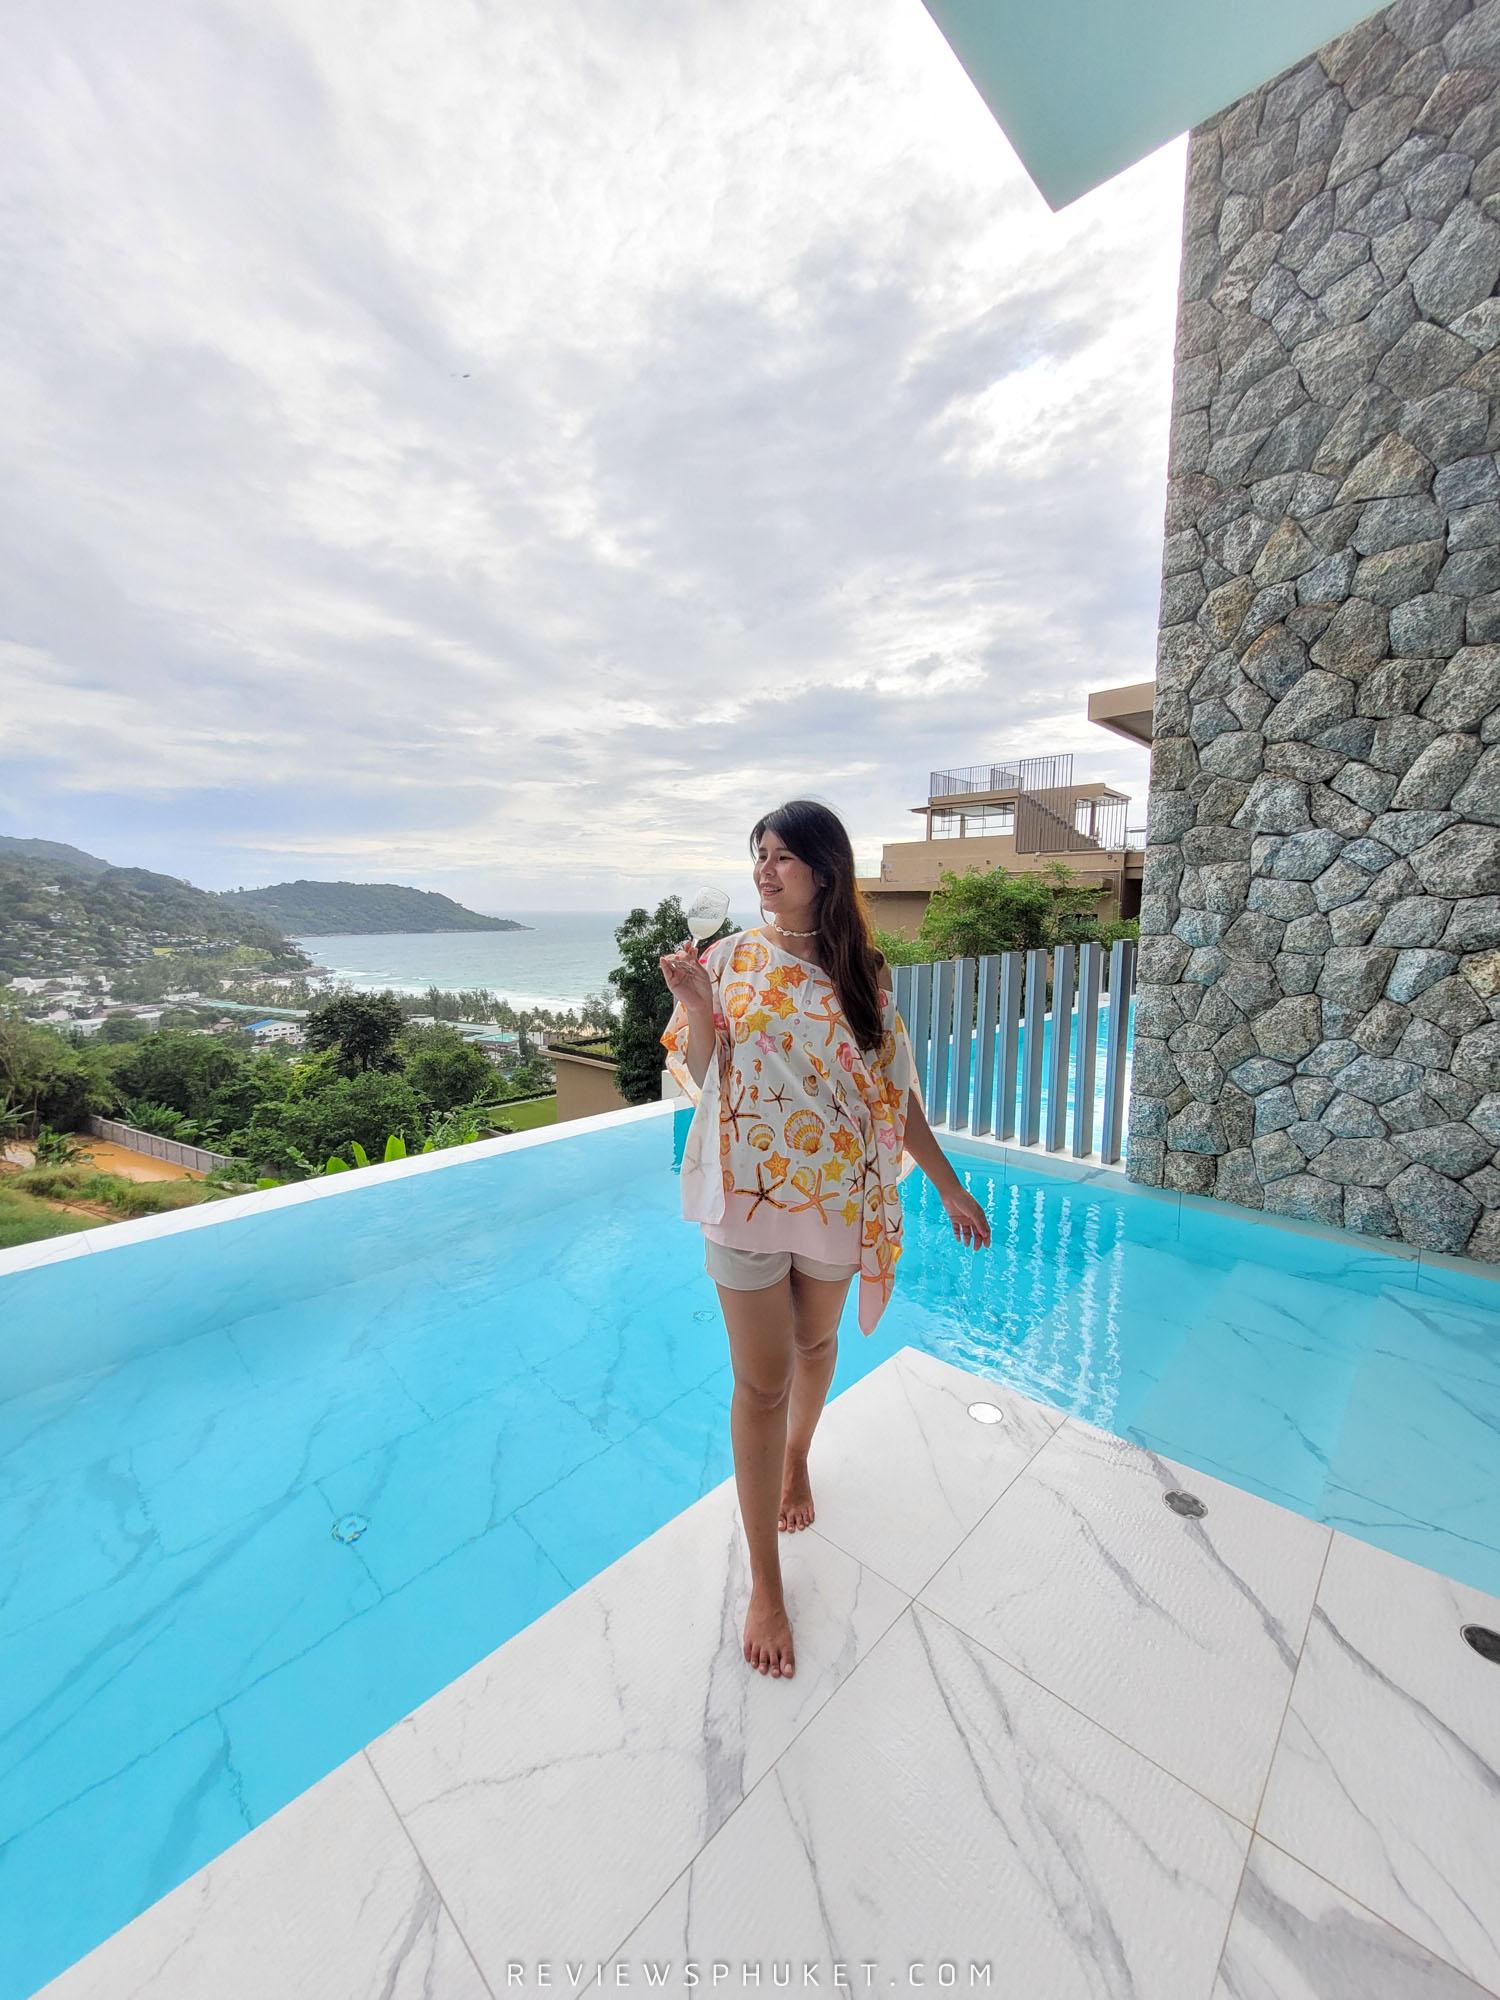 paivilla,phuket,ที่พักภูเก็ต,สุดสวย